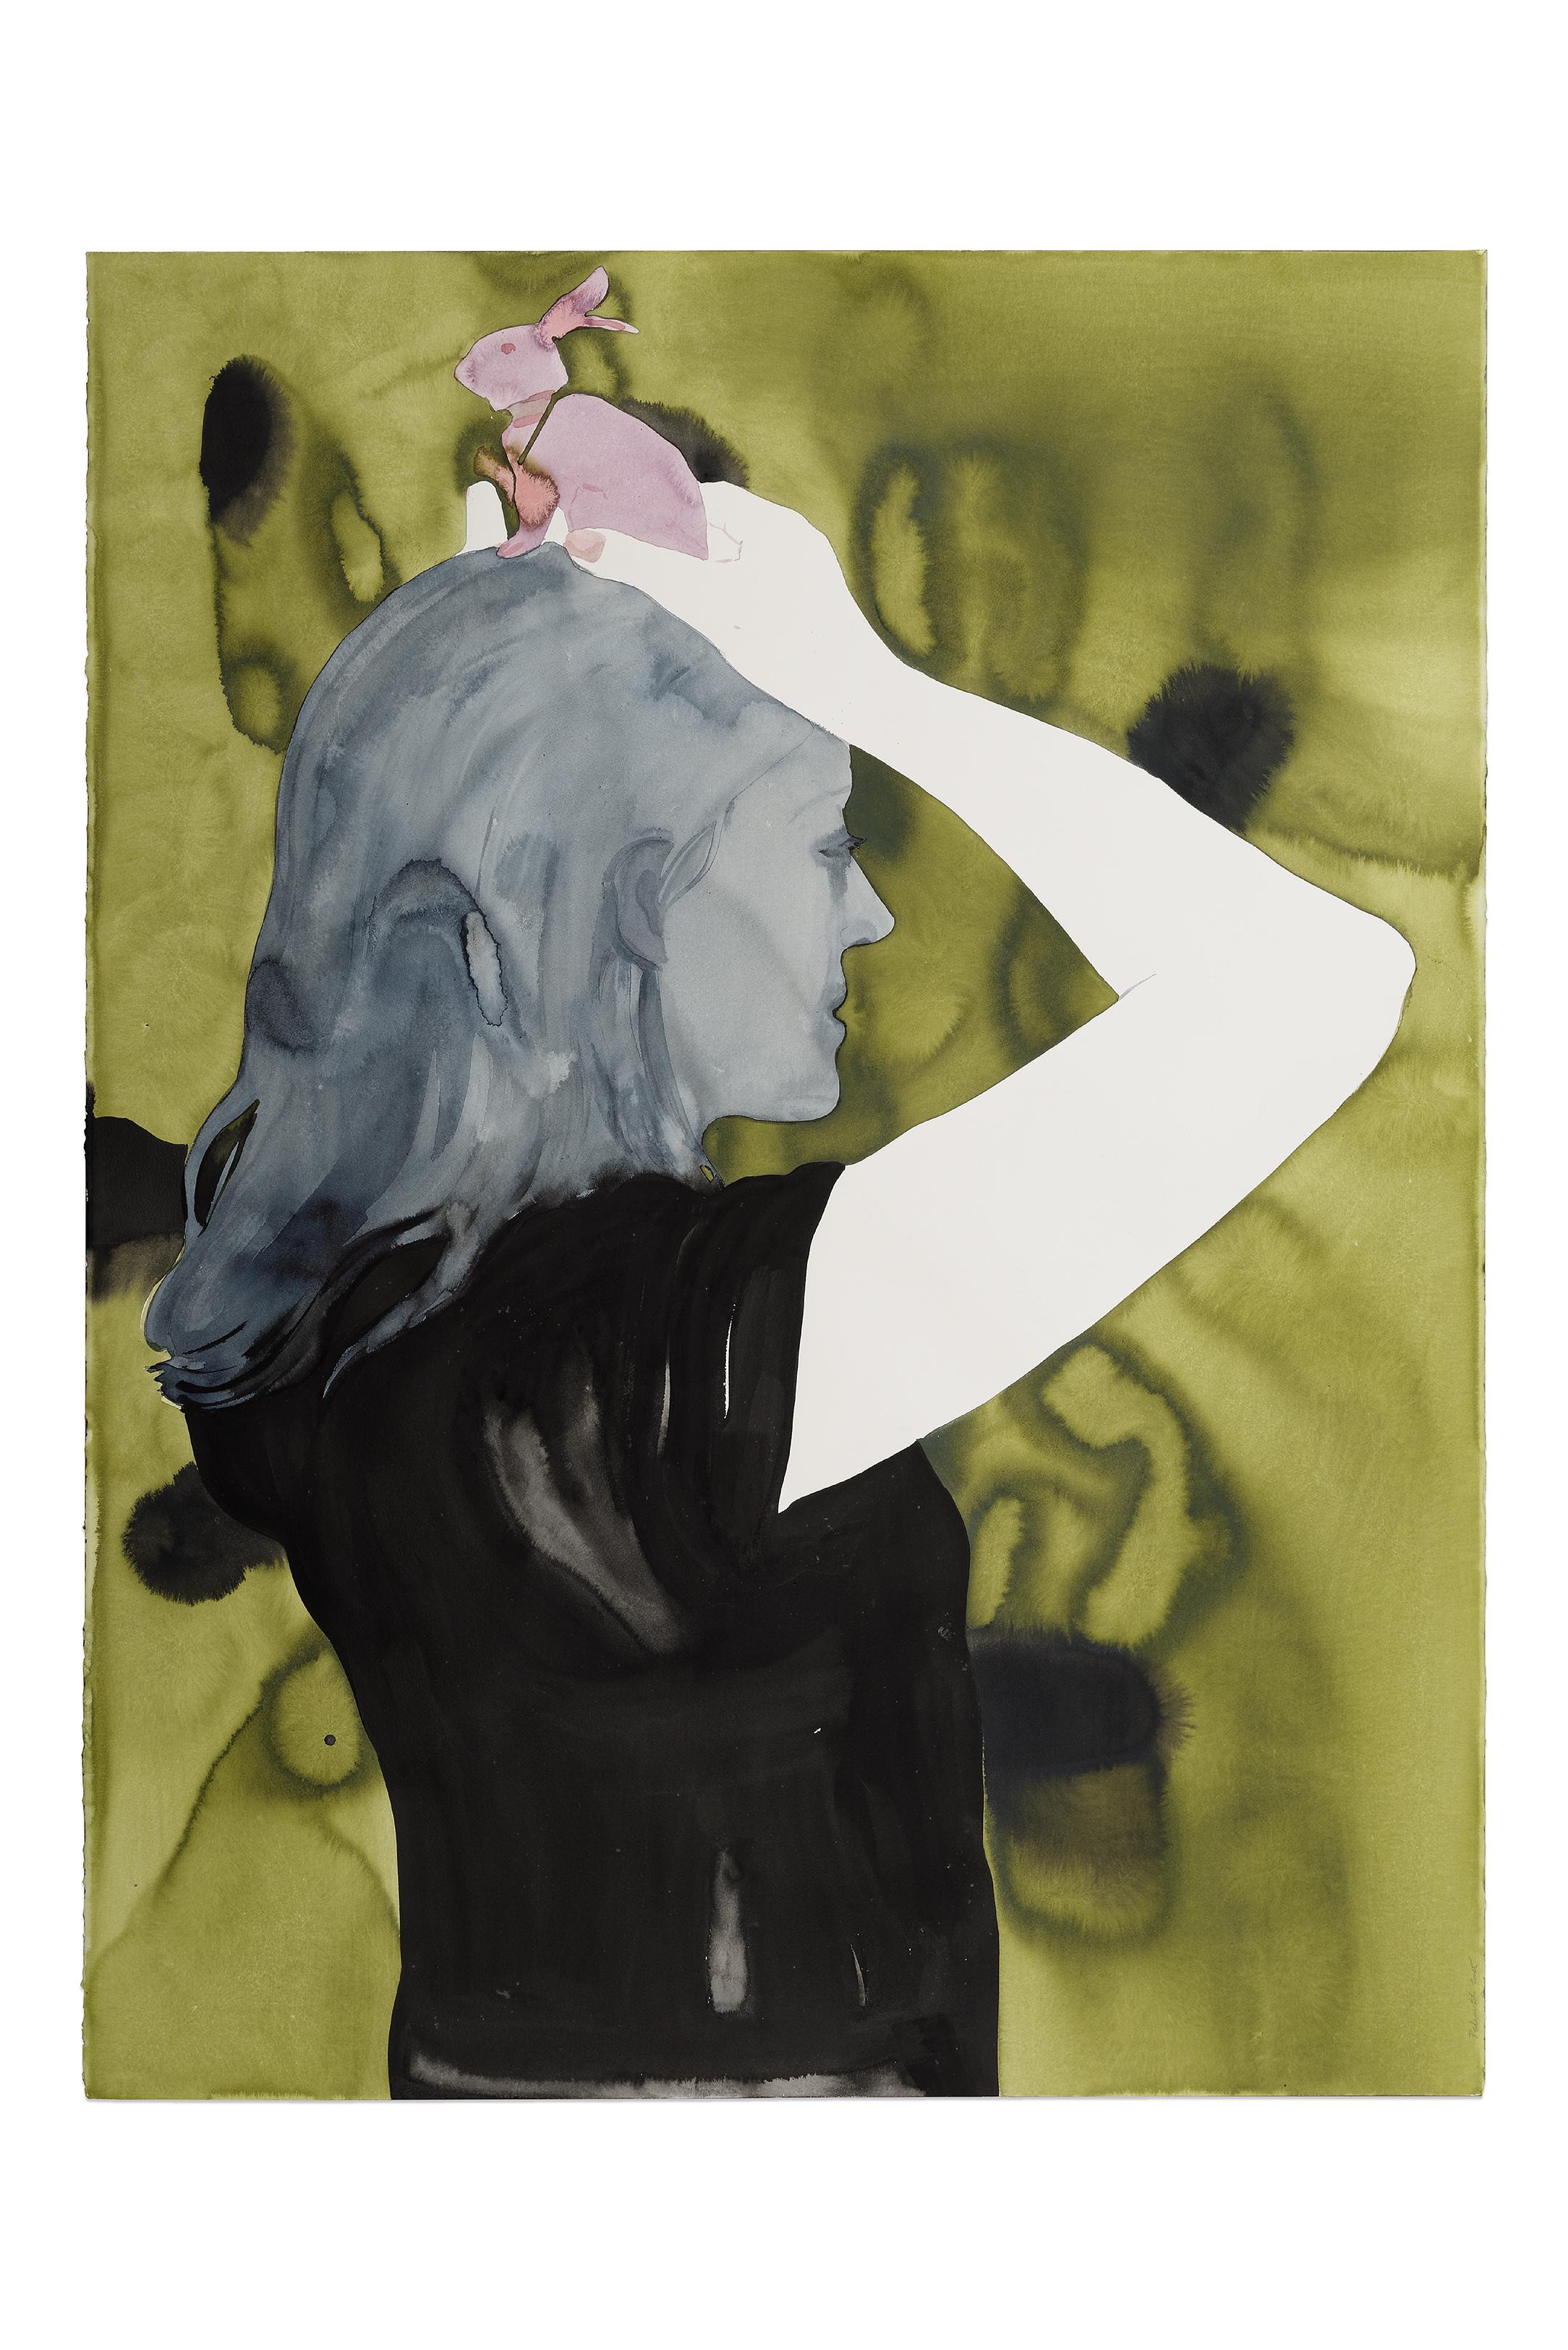 Françoise Pétrovitch, lavis d'encre, 120 x 160 cm, 2016